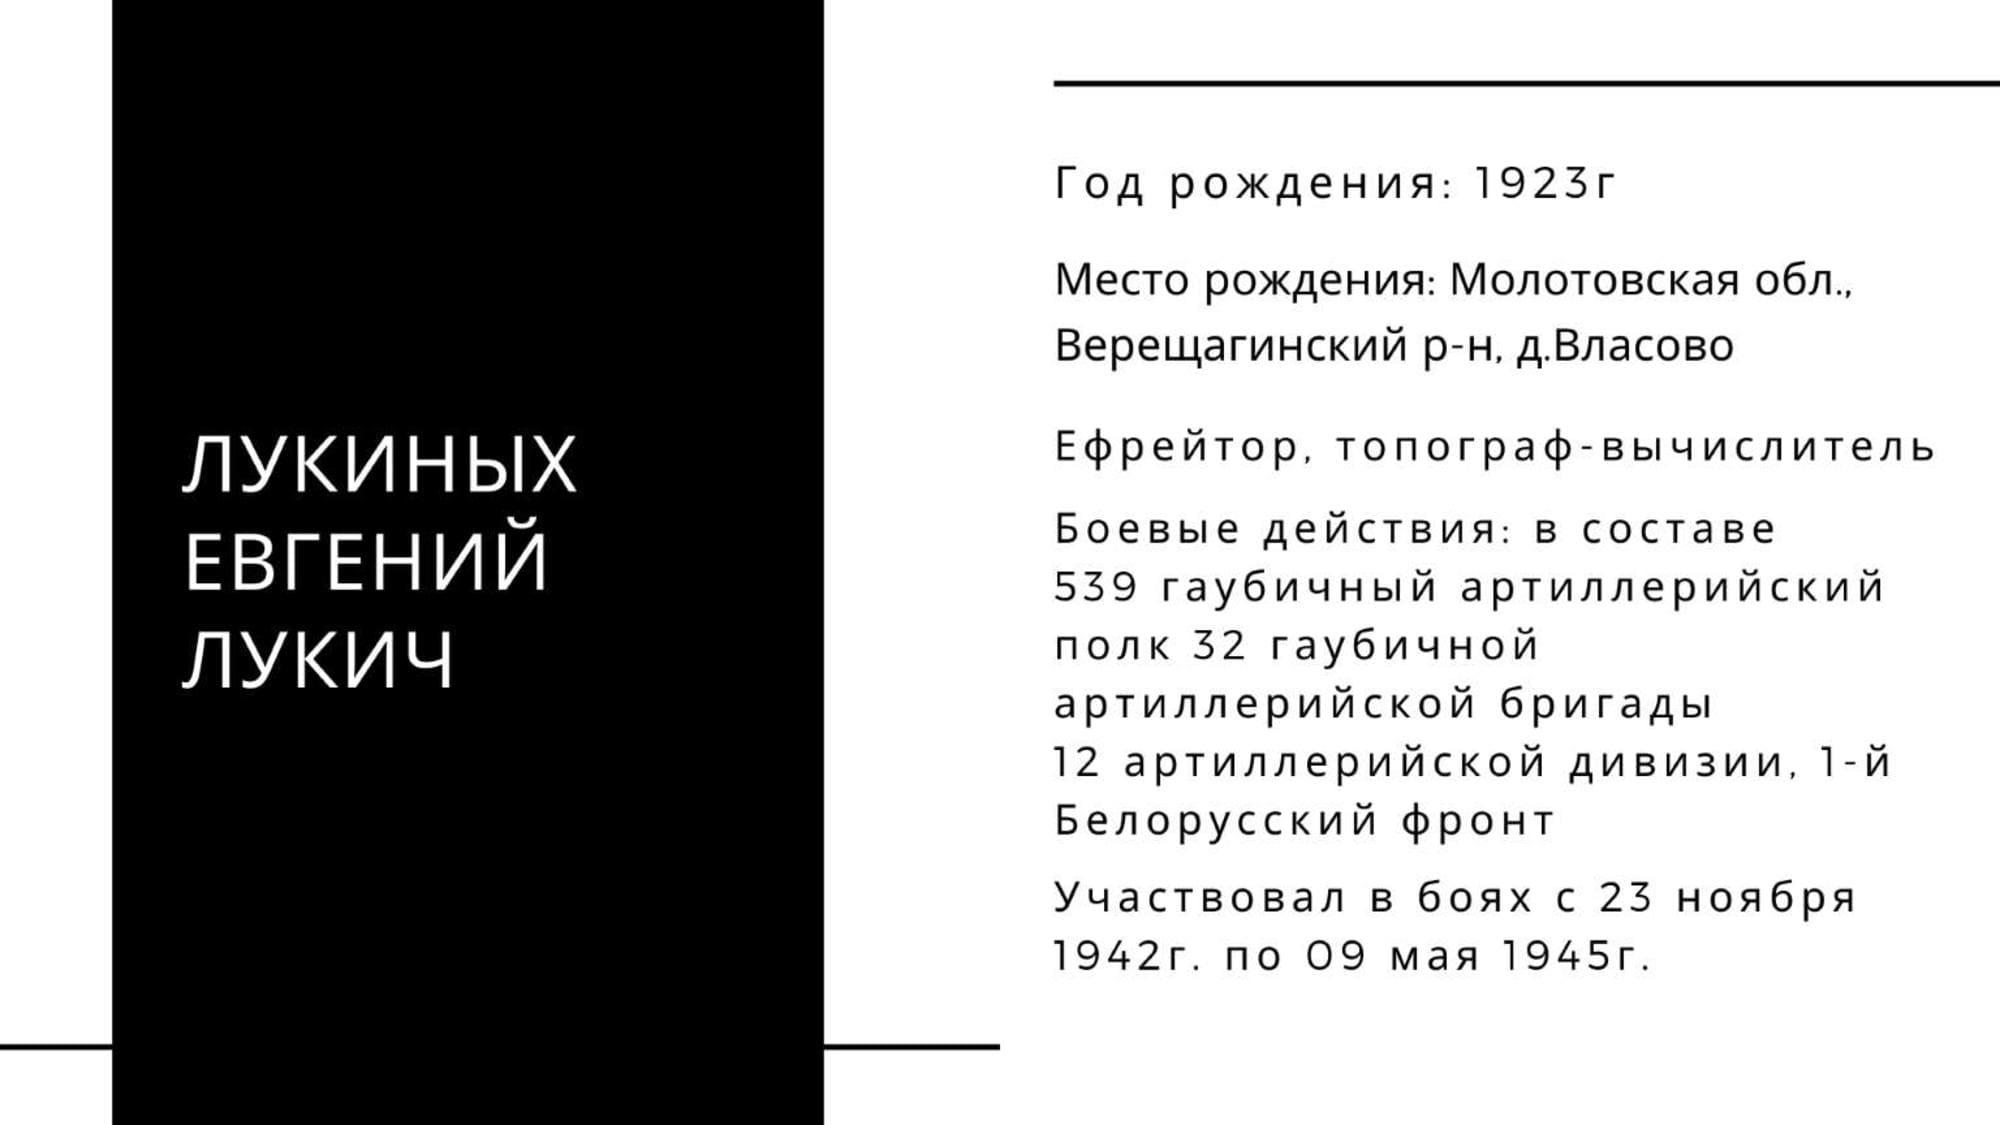 Лукиных Евгений Лукич. Ефрейтор. Топограф-вычислитель